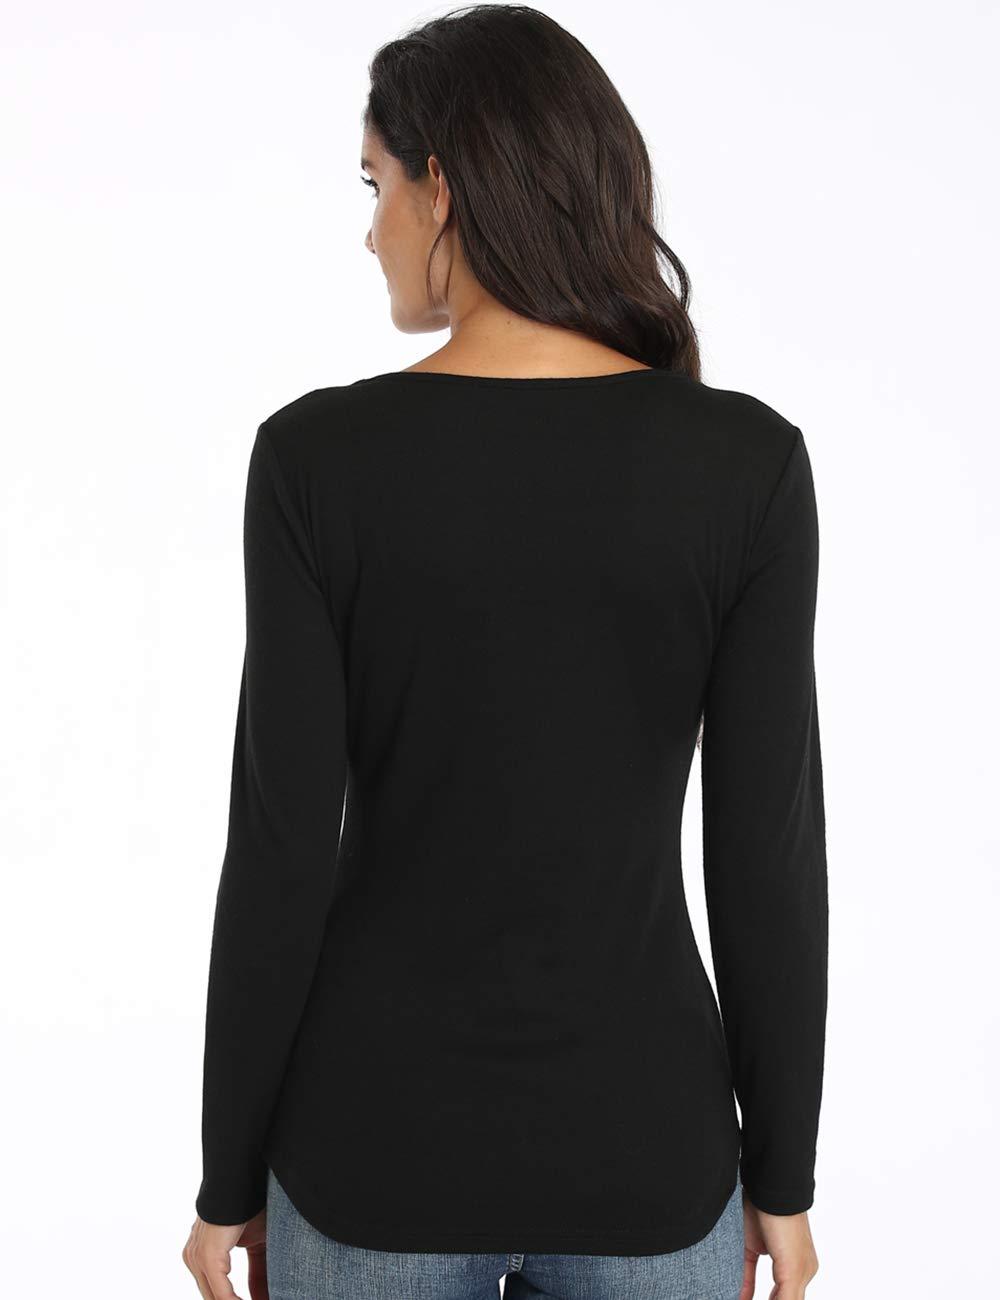 Dilgul långärmad tröja för damer elegant spetsar U urringning oregelbunden fåll jacquard toppar Slim Fit Blus svart